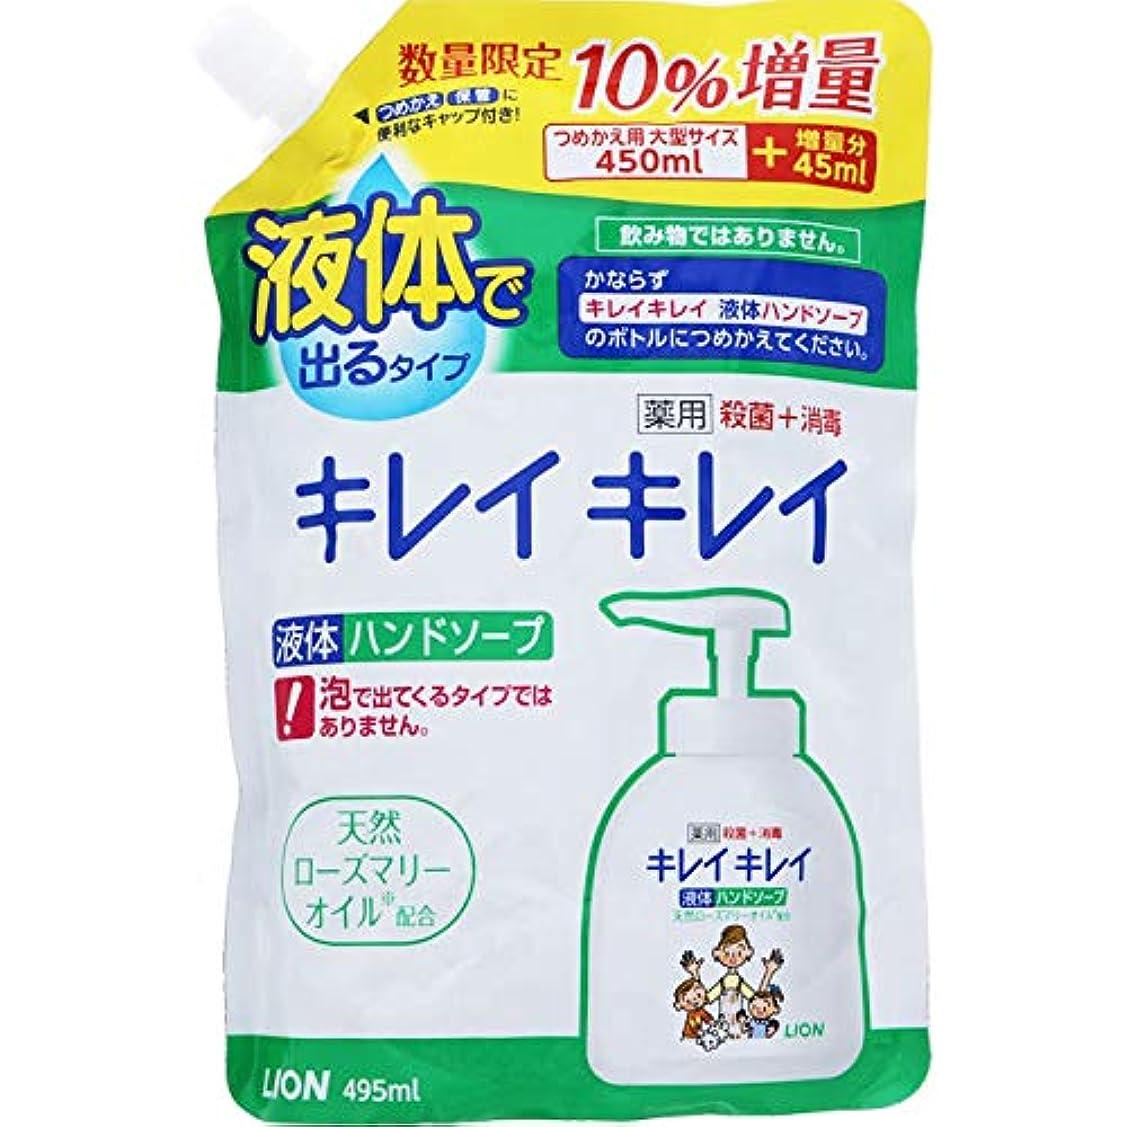 マトロン型の面ではライオン キレイキレイ 薬用ハンドソープ 詰替用大型増量 450+45ml